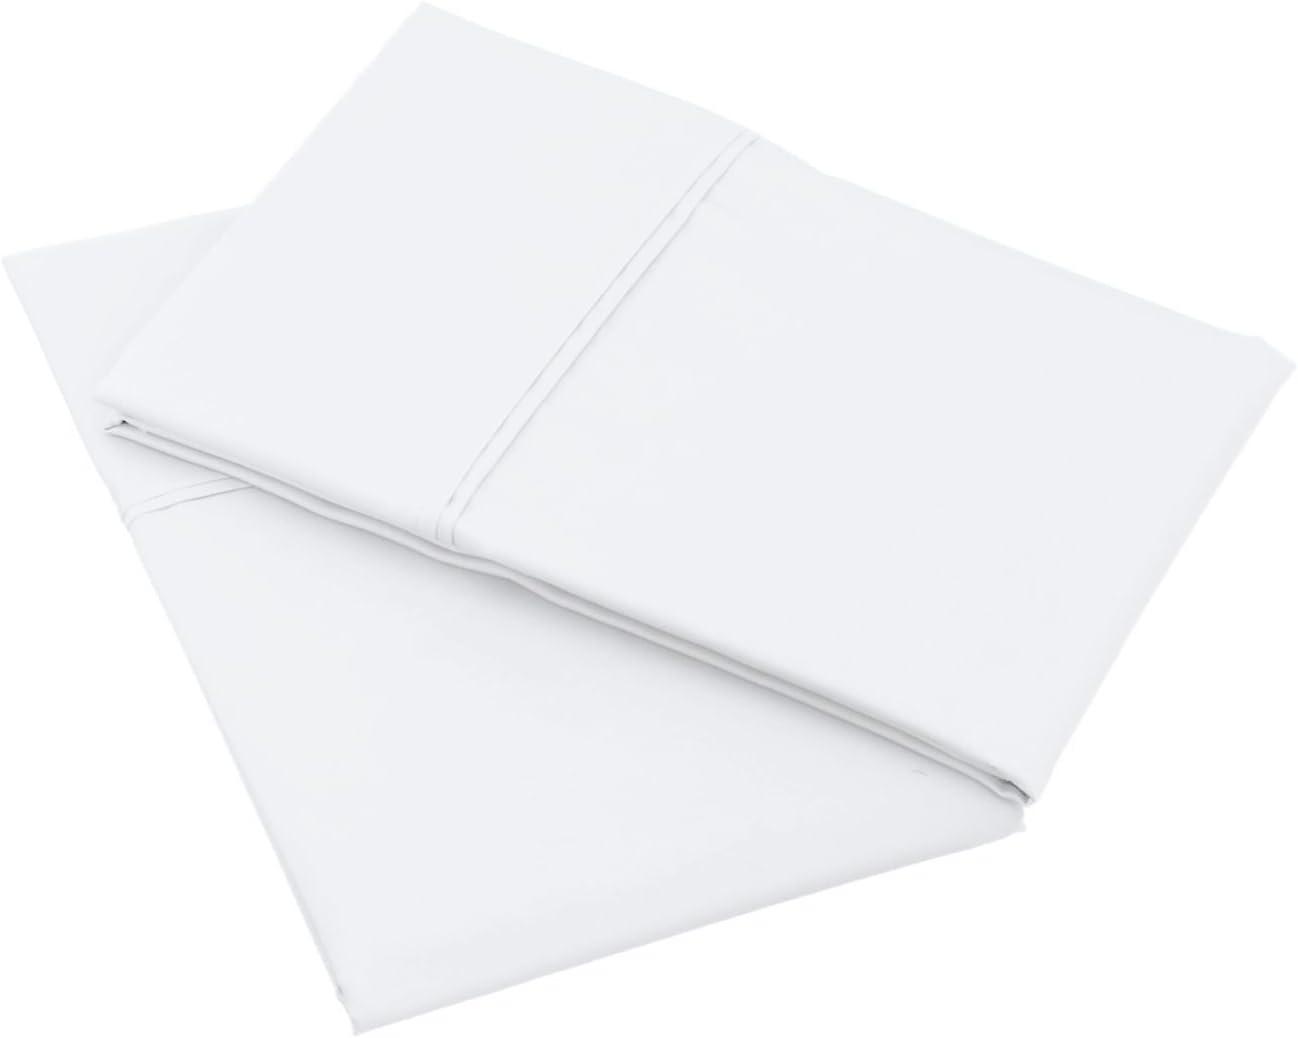 VICTORIA BEDDING - Juego de dos fundas de almohada de algodón de 600 hilos. Suaves y libres de arrugas, calidad de hotel de lujo, 100% algodón, White Solid, Queen Size-50 X 75 Cm